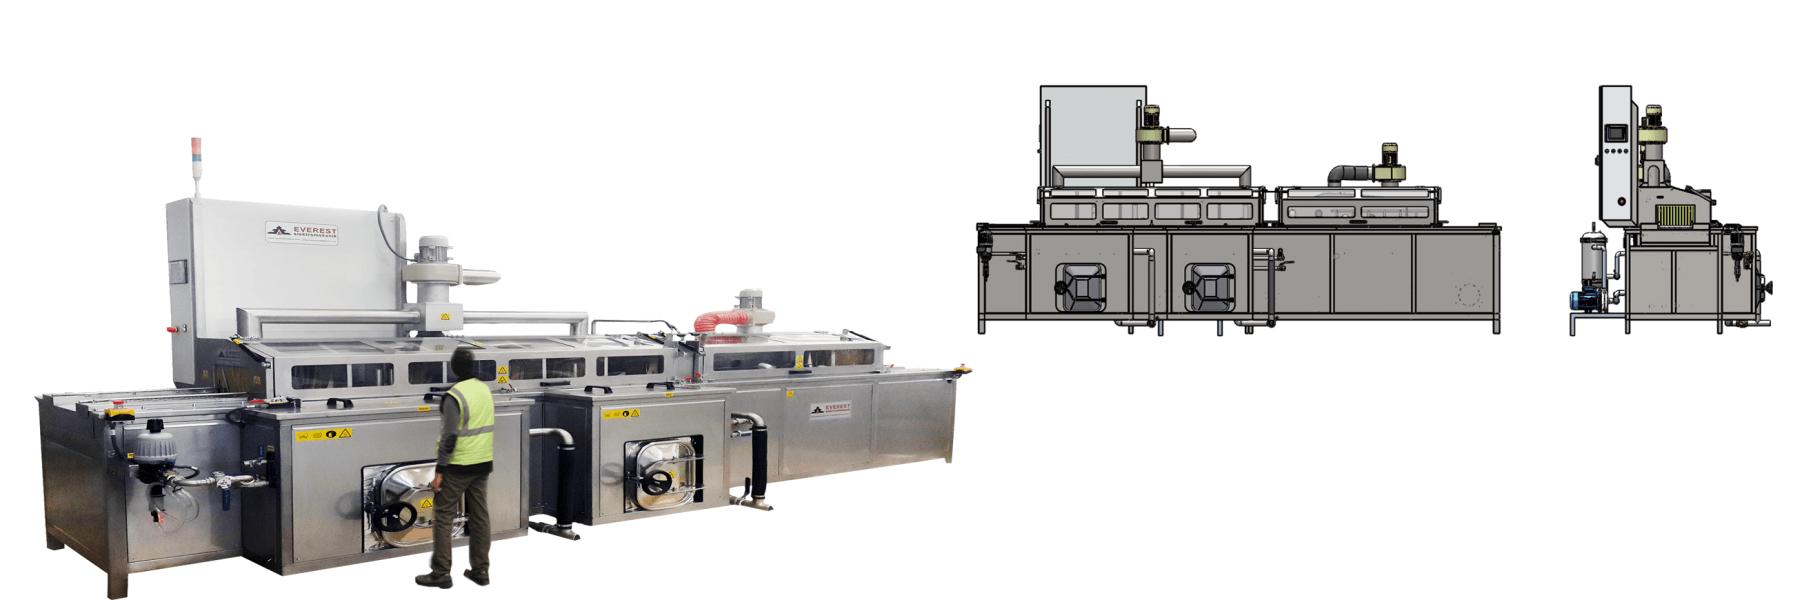 Lavadoras industriales a medida 5